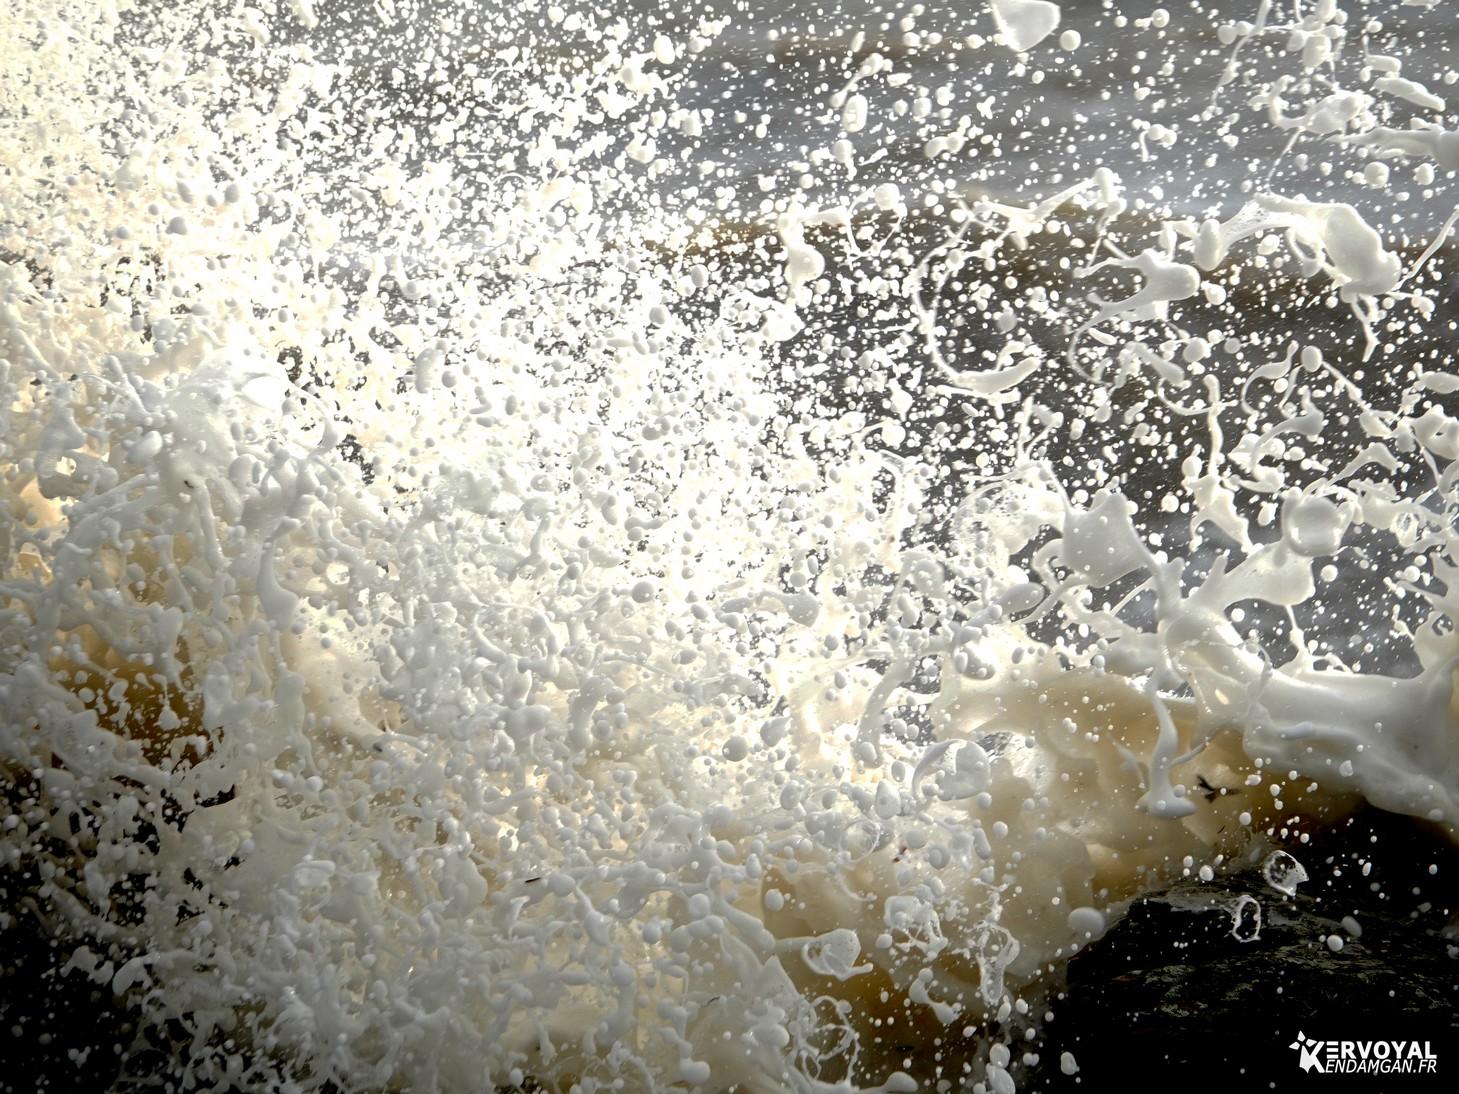 coup de vent à kervoyal en damgan morbihan (11)